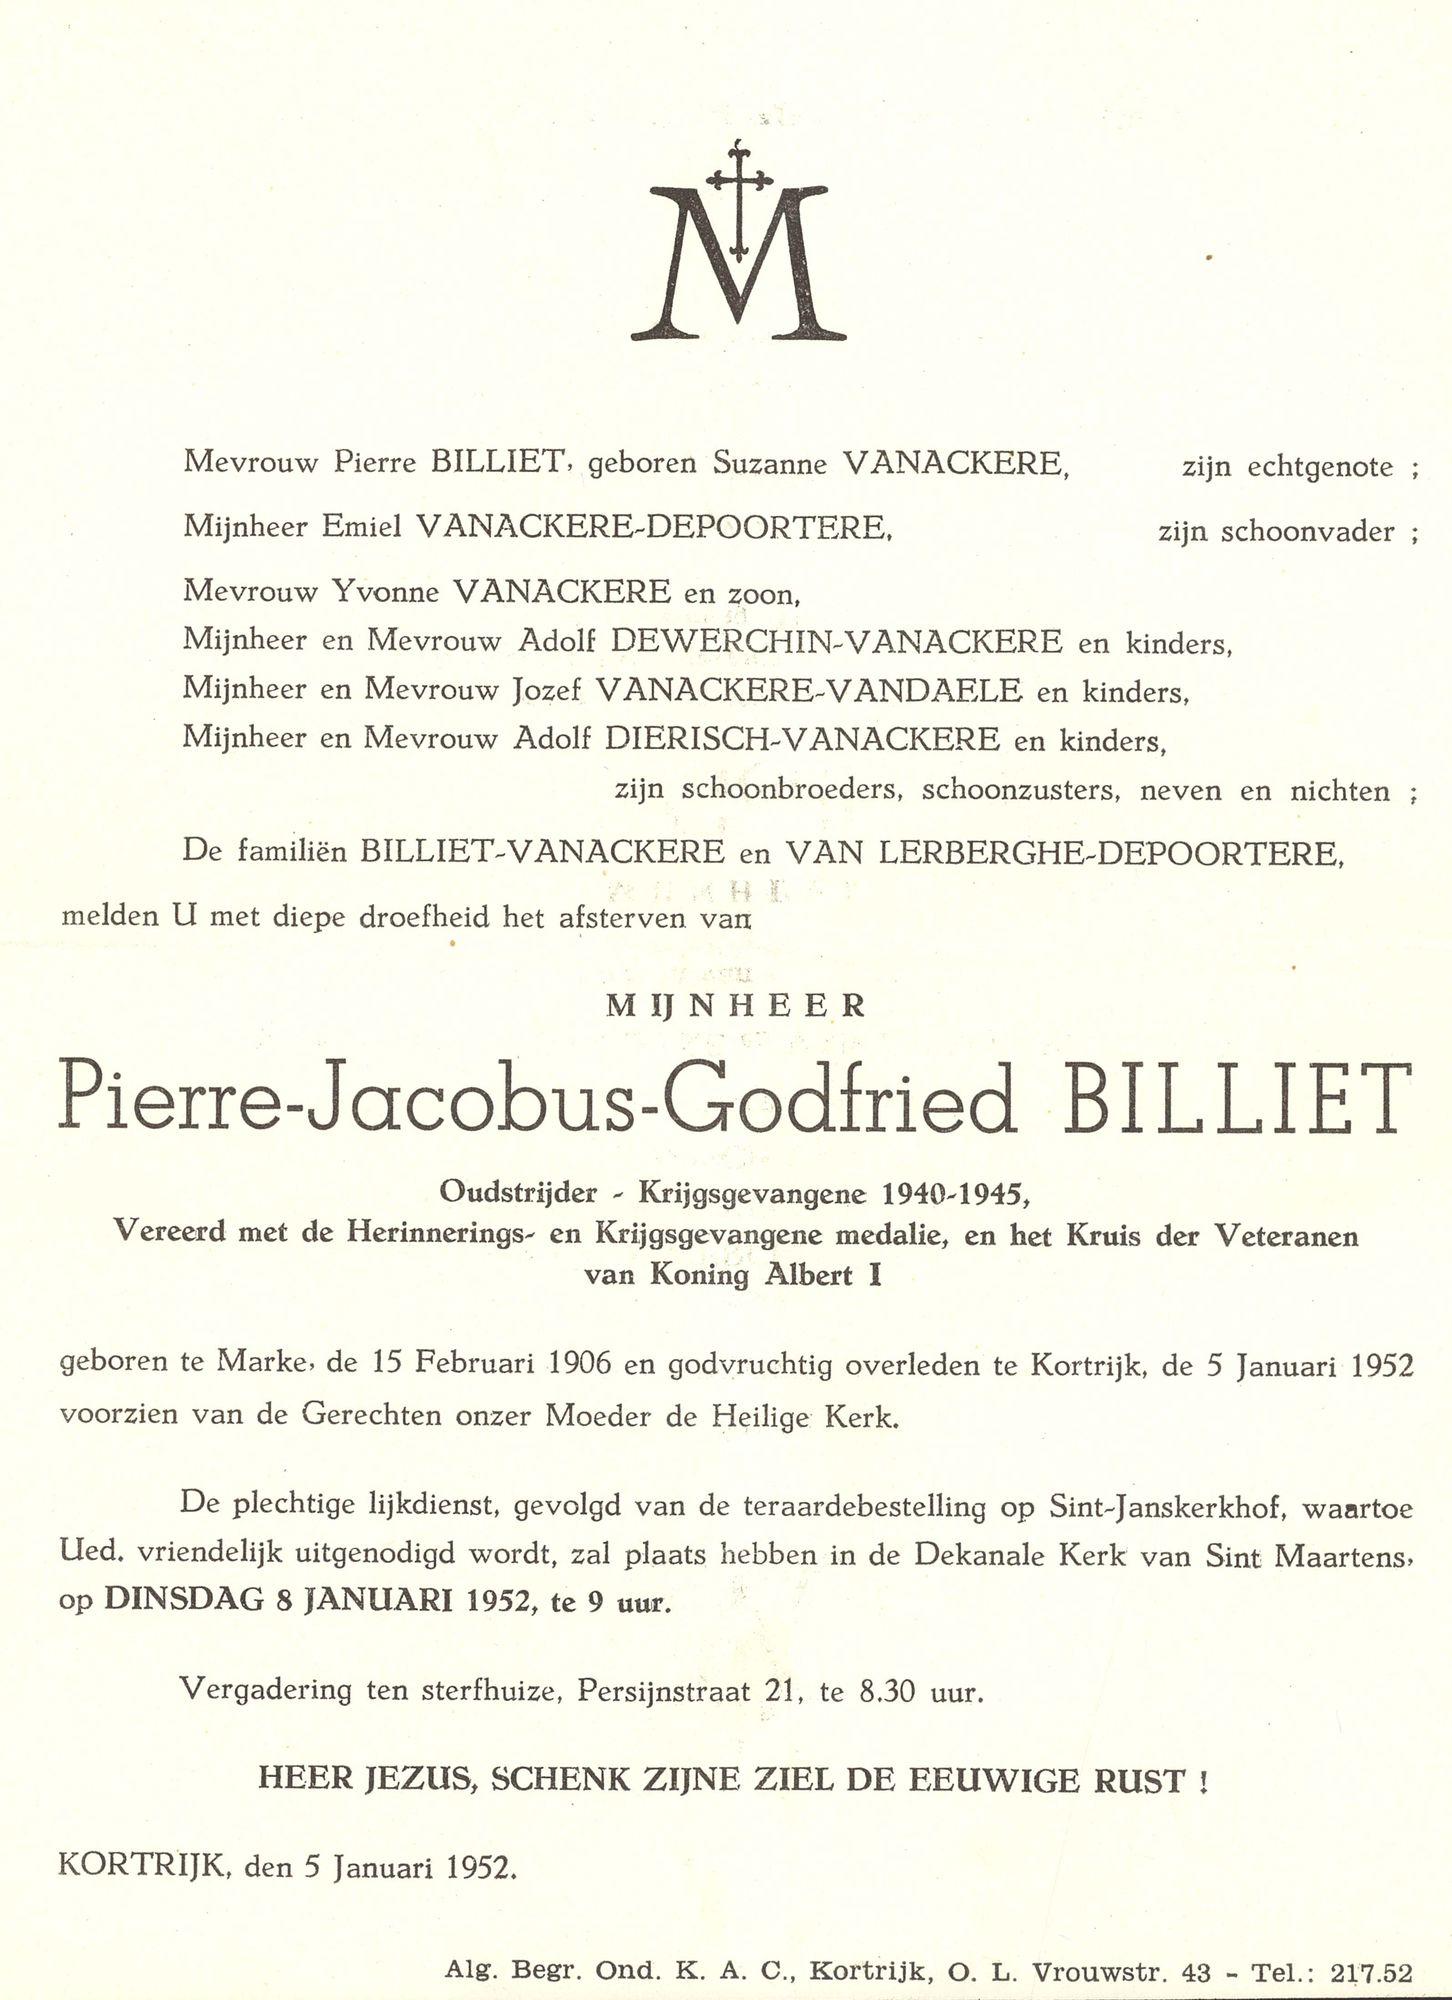 Pierre-Jacobus-Godfried Billiet